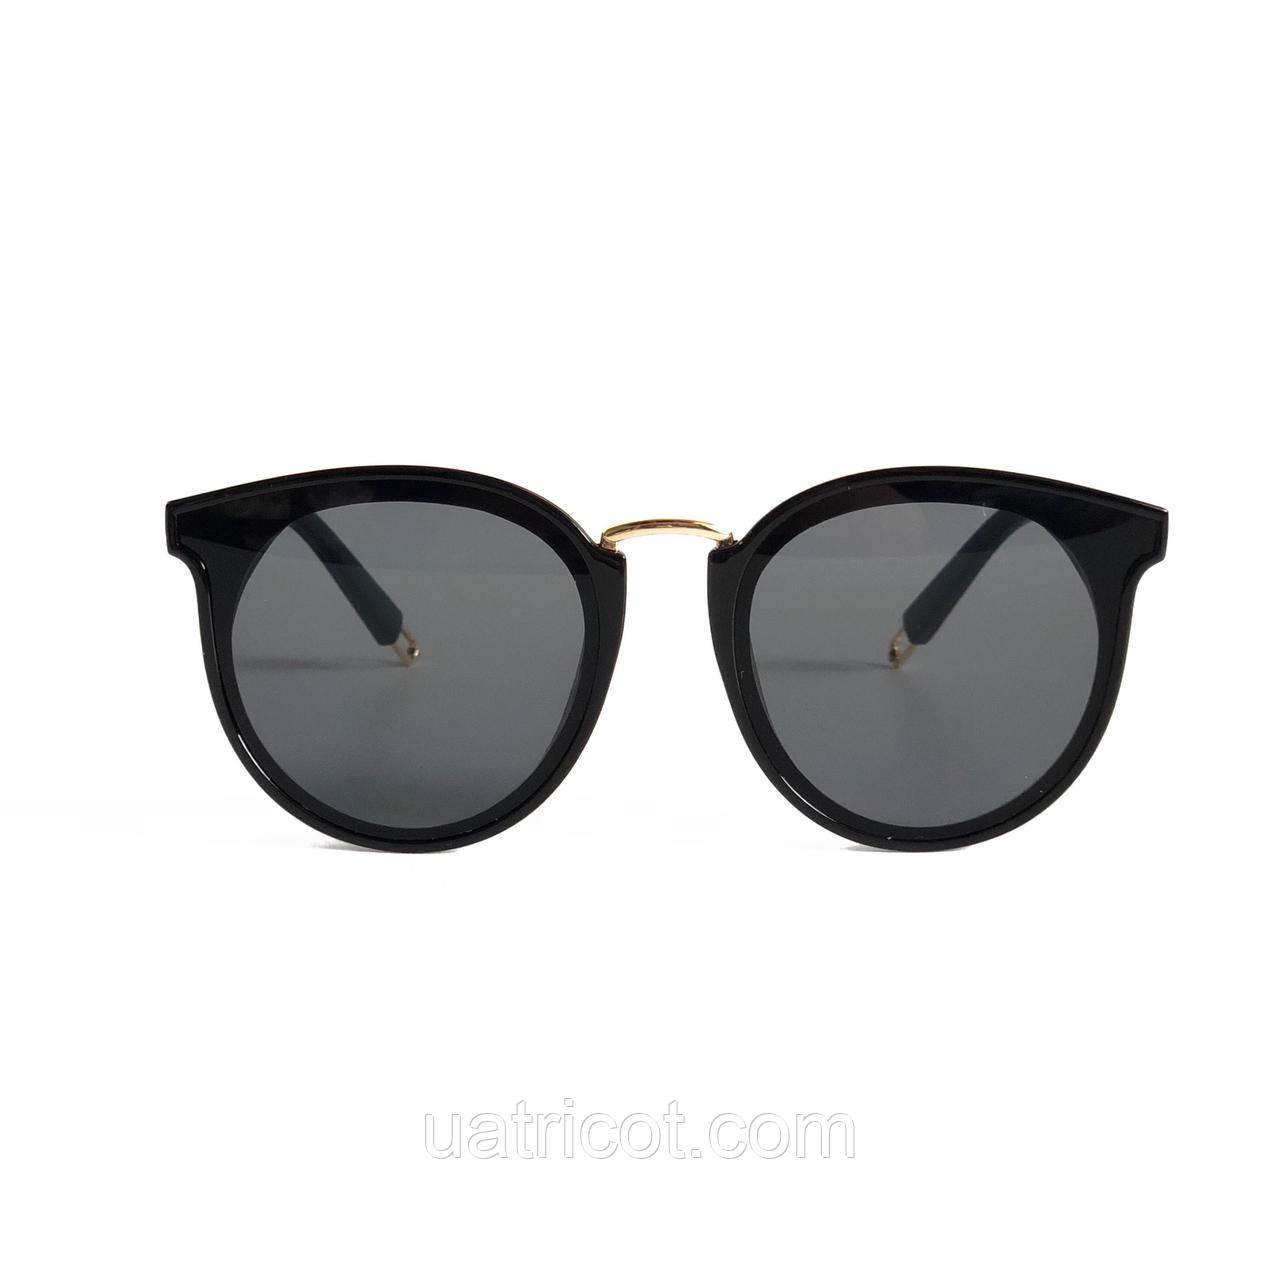 Женские солнцезащитные очки Сat eye в чёрной оправе